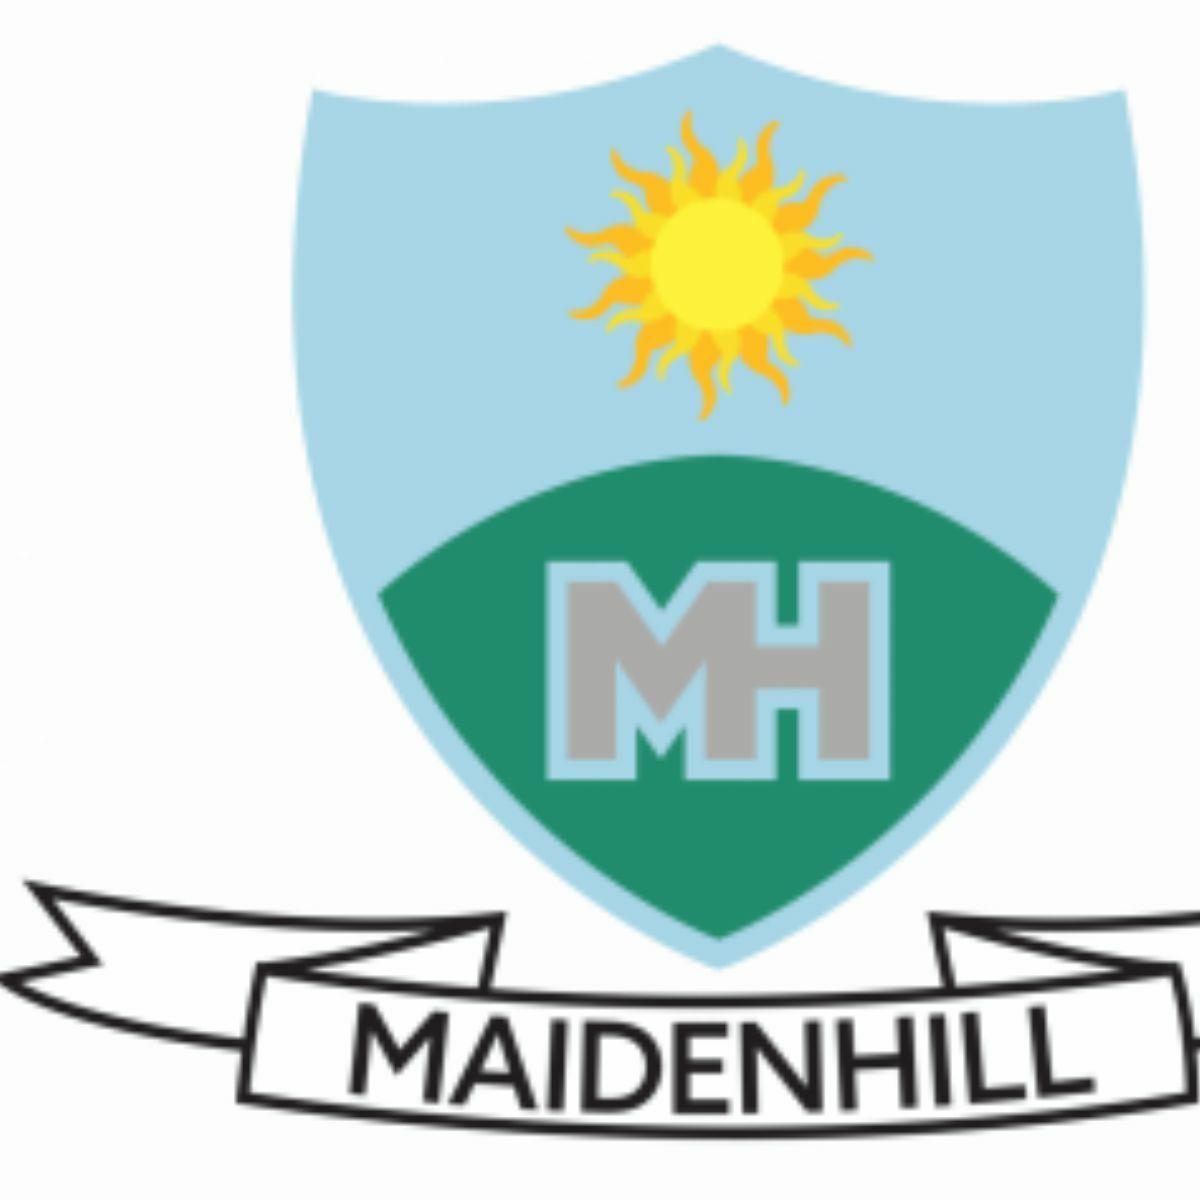 Maidenhill Nursery